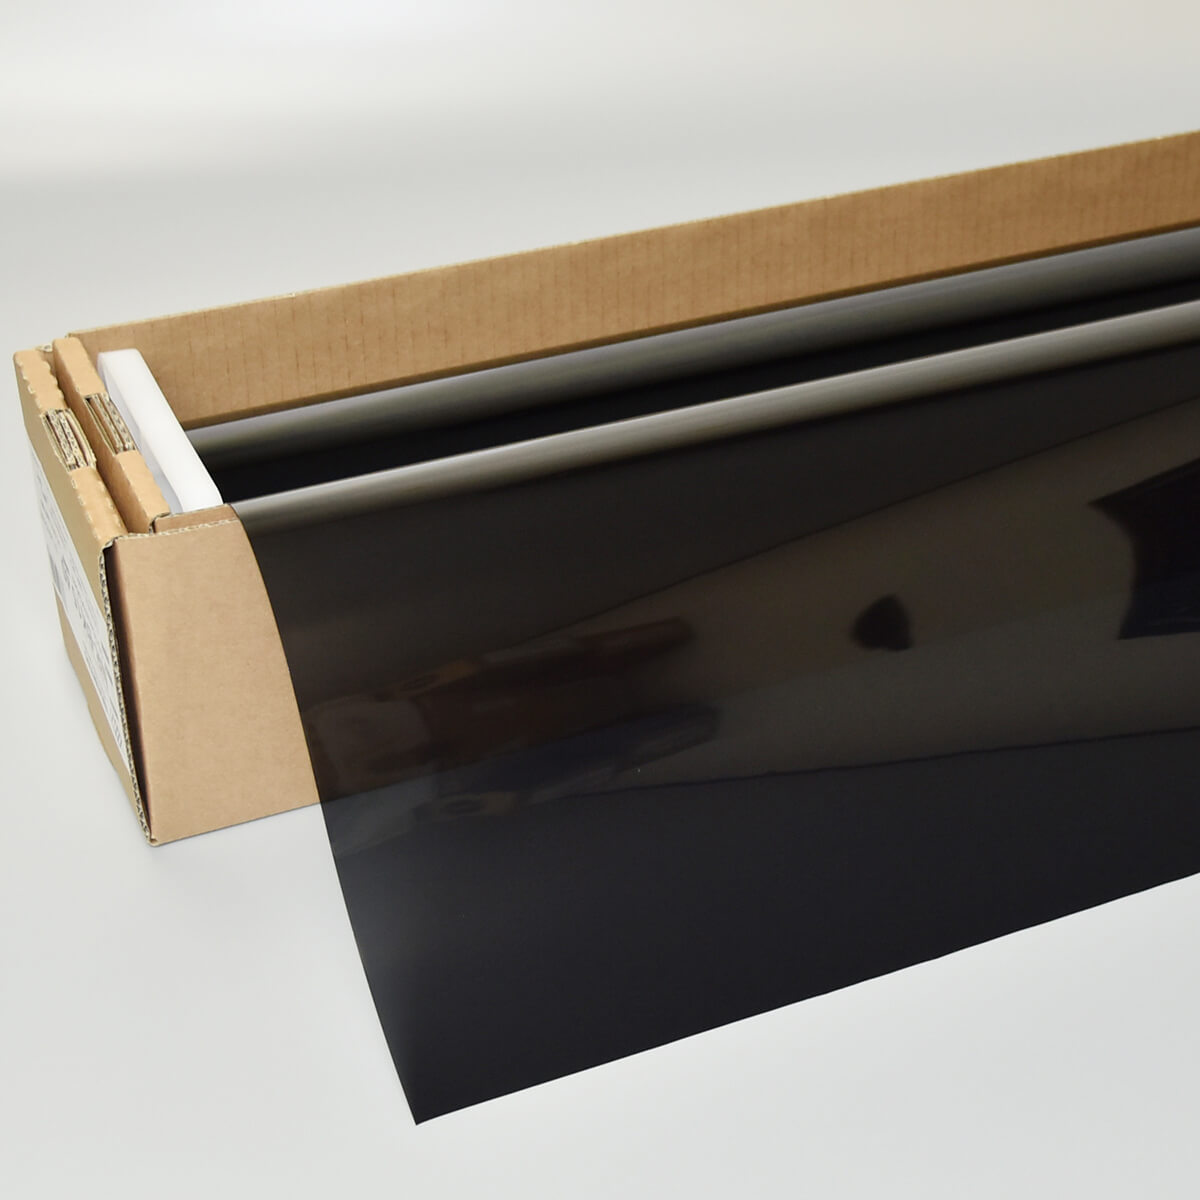 カーフィルム 窓ガラスフィルム NEWレギュラー・スモーク15(15%) 1m幅×30mロール箱売 スモークフィルム UVカットフィルム ブレインテック Braintec